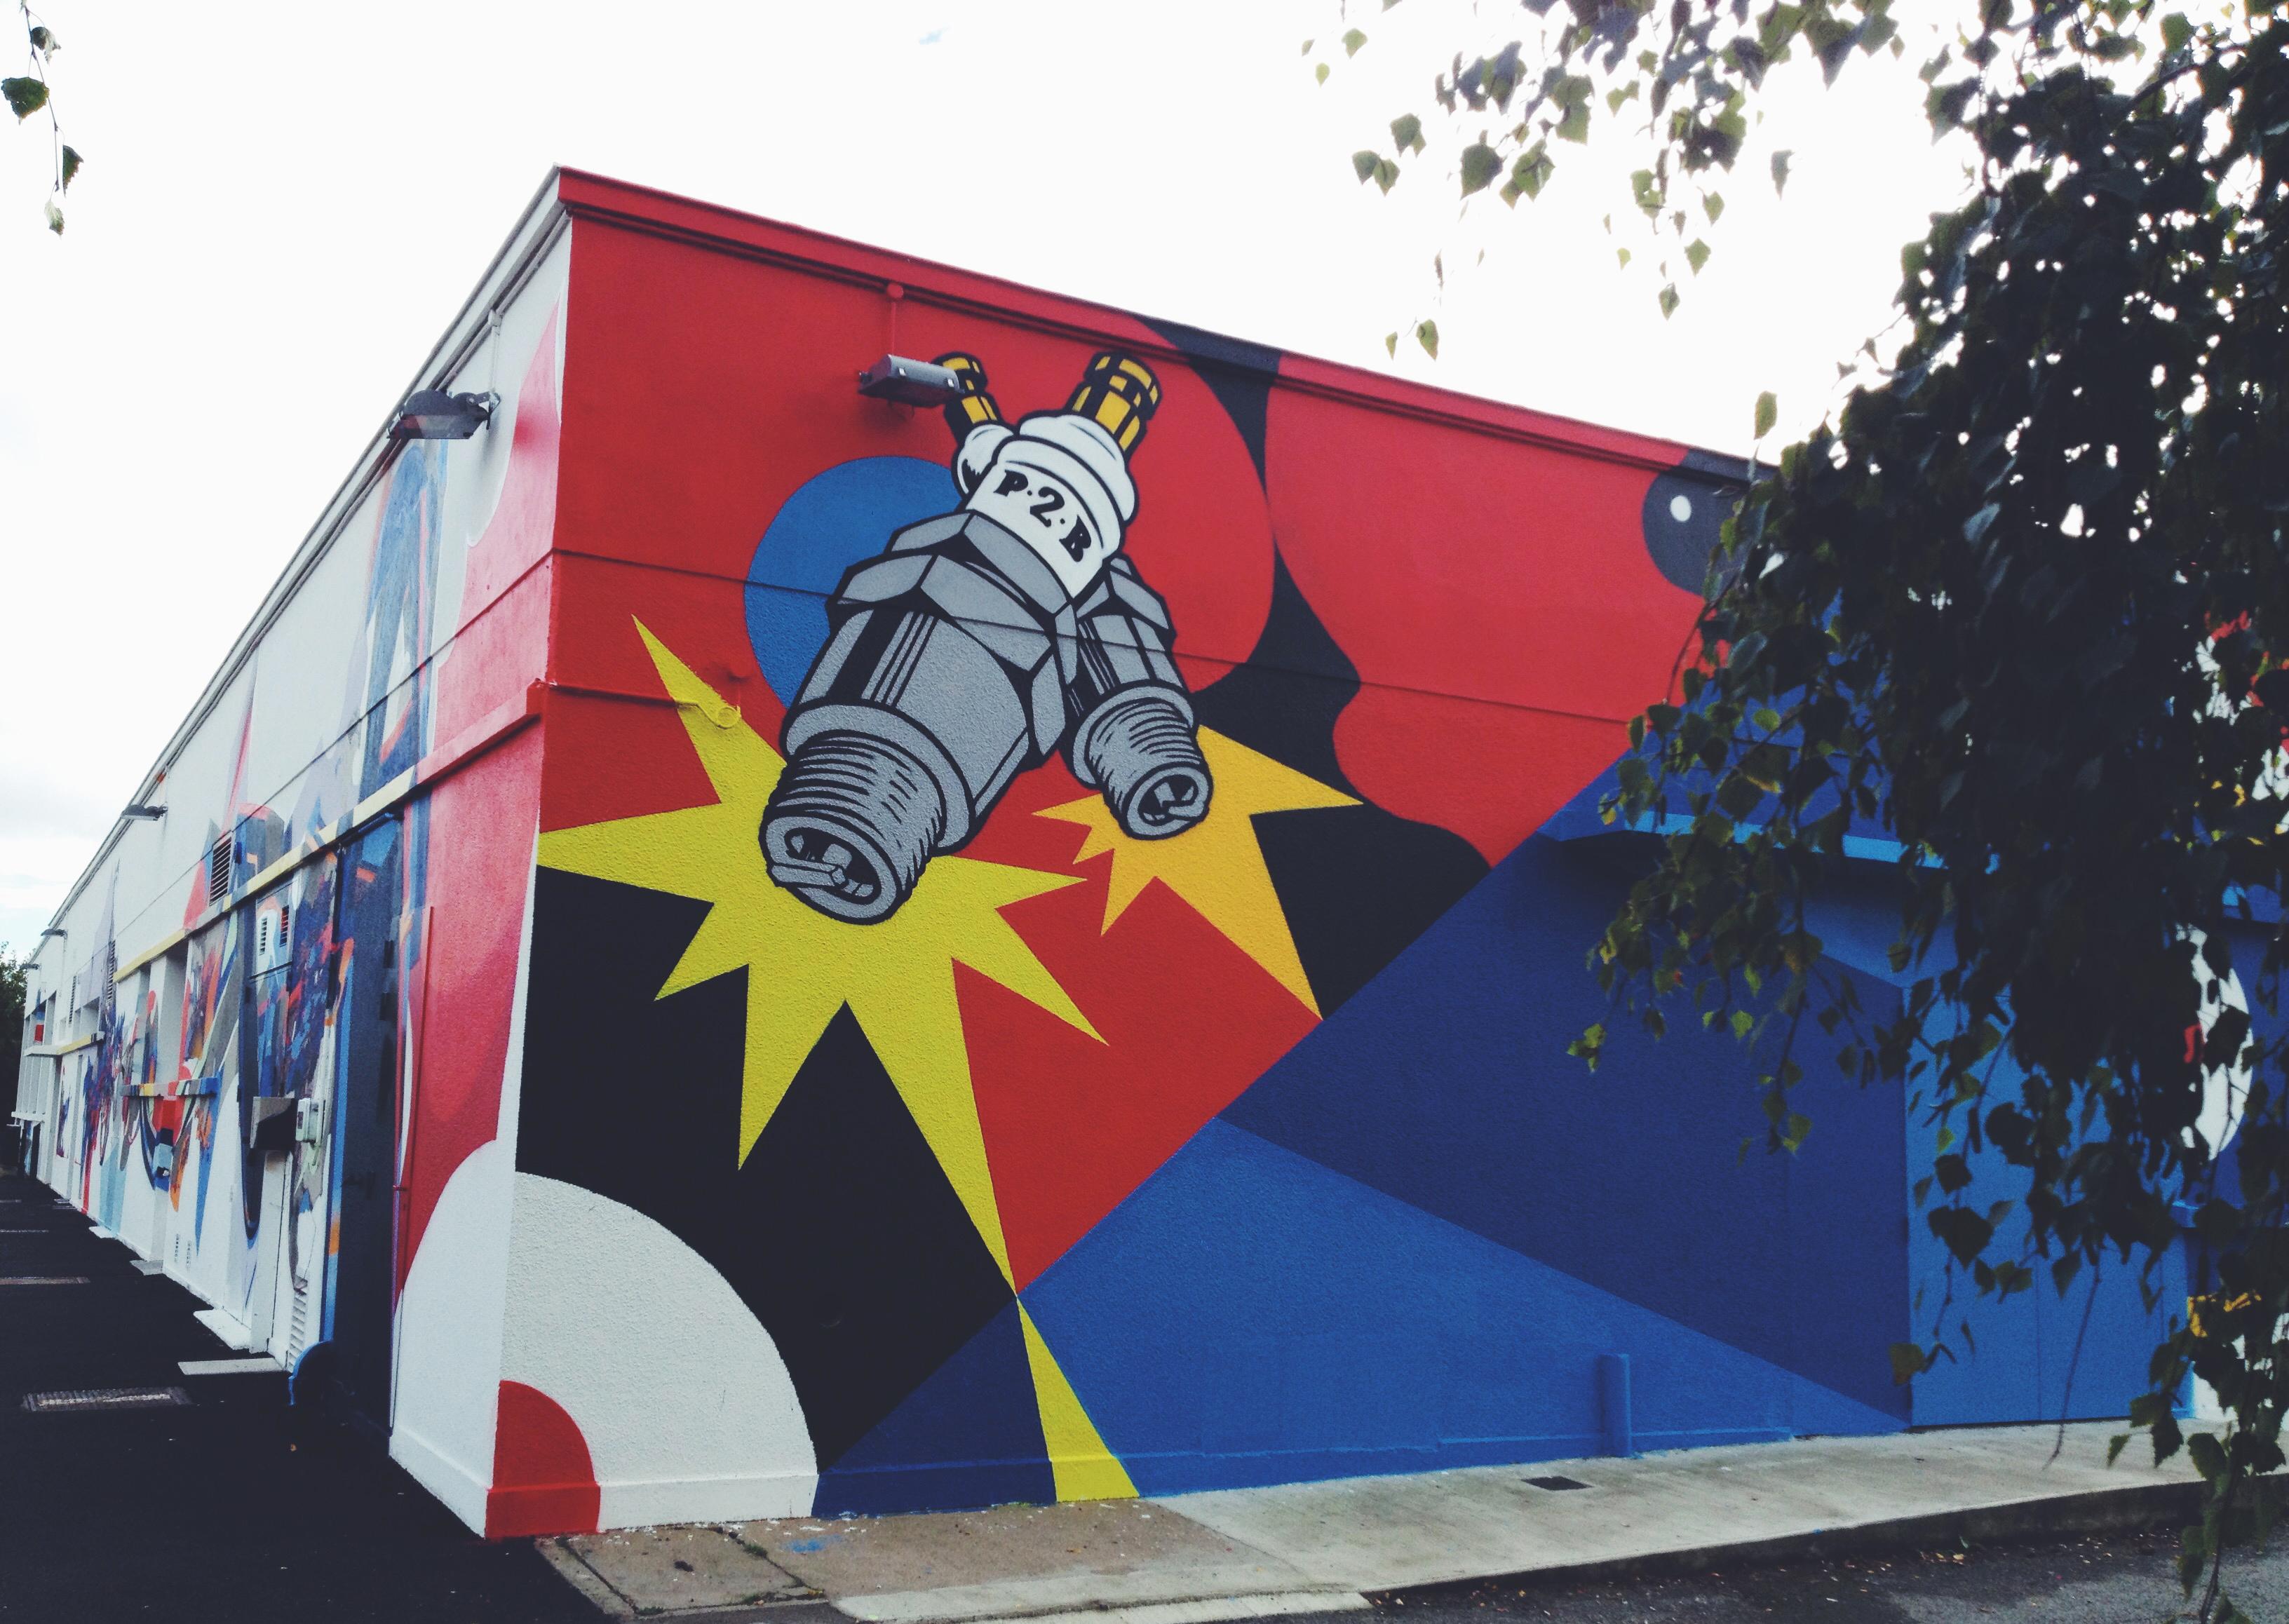 Graffiti rennes breizhsocialblog for Jardin moderne rennes